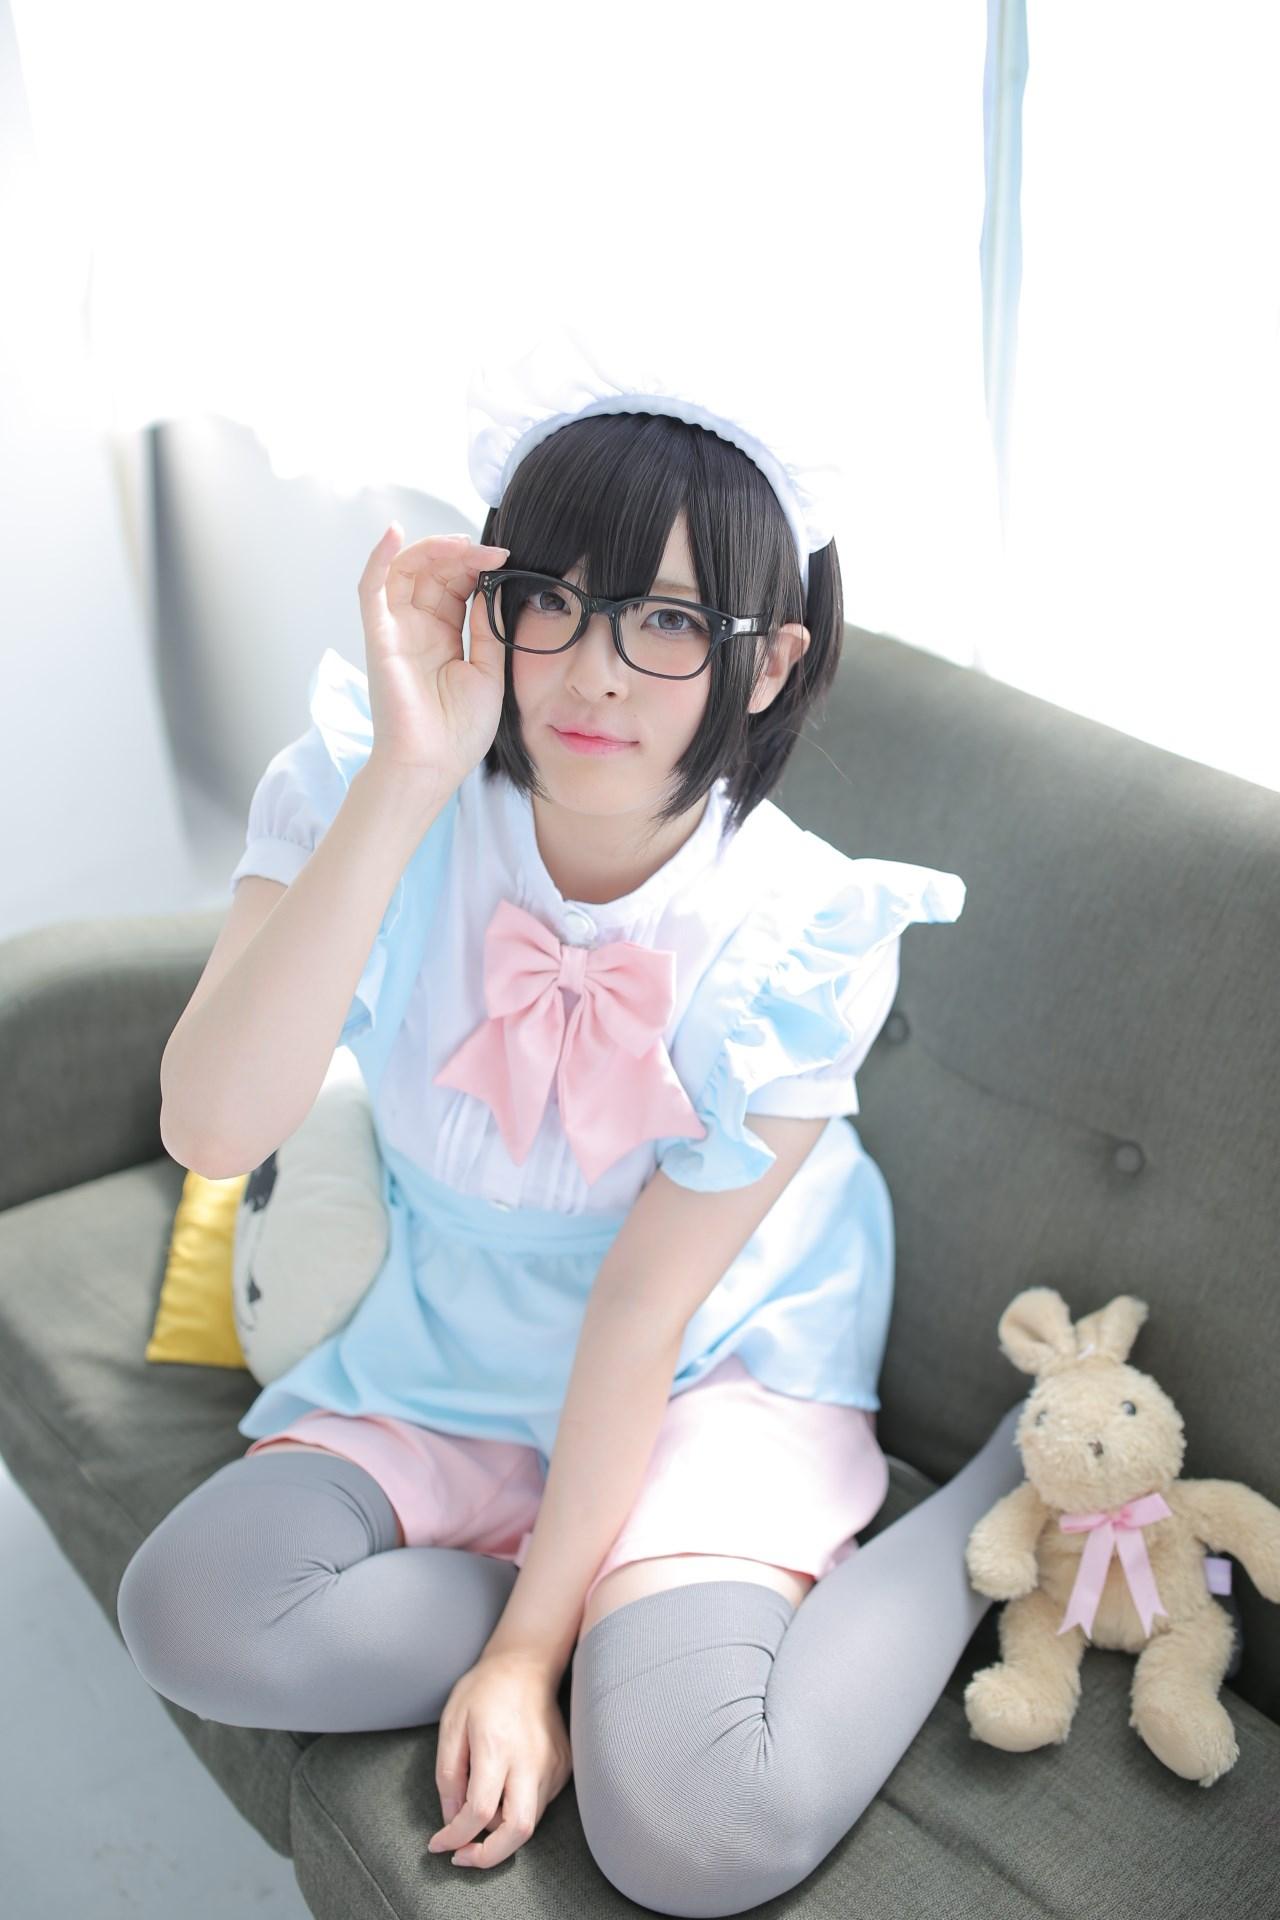 【兔玩映画】眼镜女仆 兔玩映画 第82张